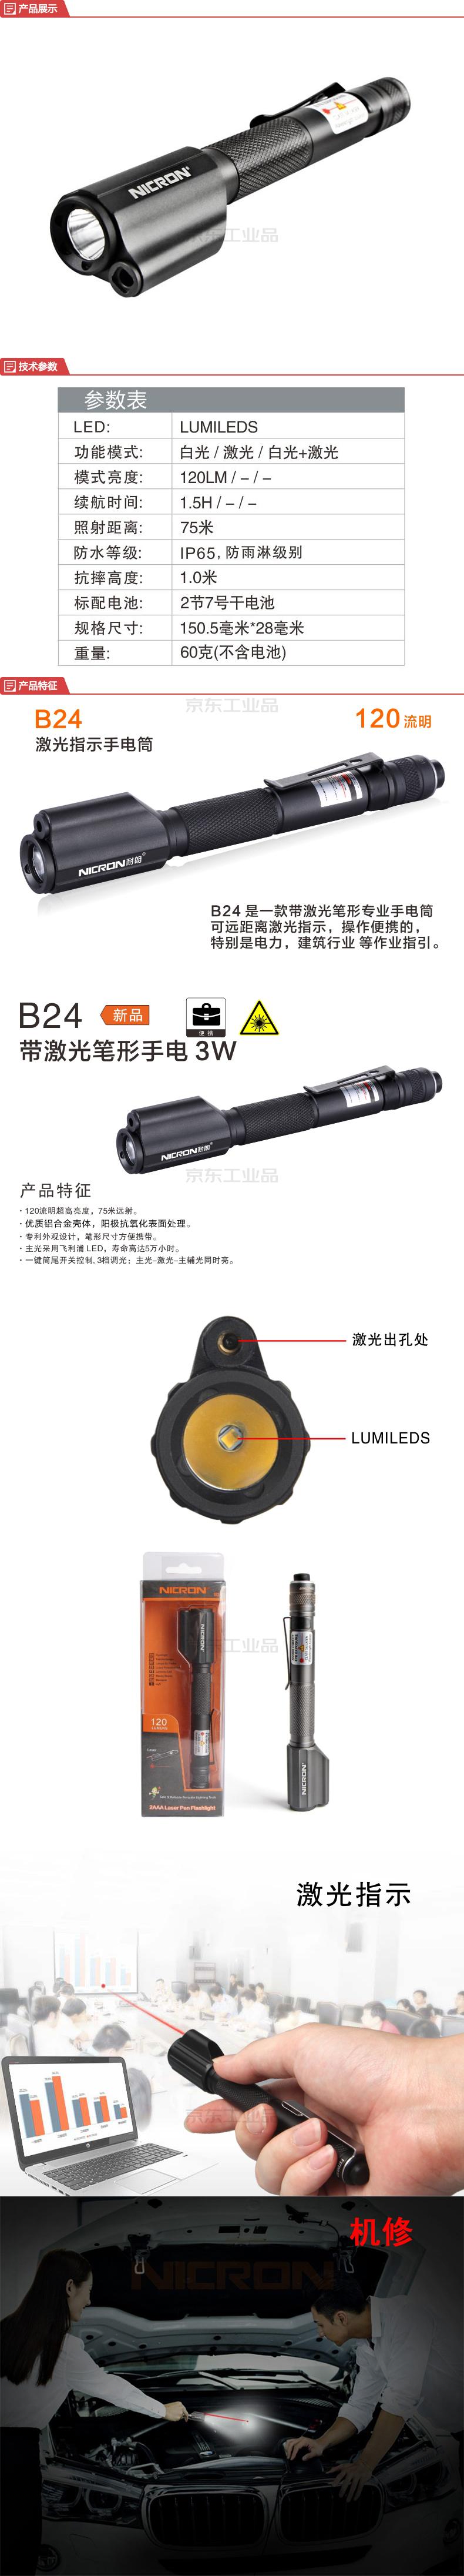 耐朗(NICRON) 激光指示手电筒 带锂电池10840;B24